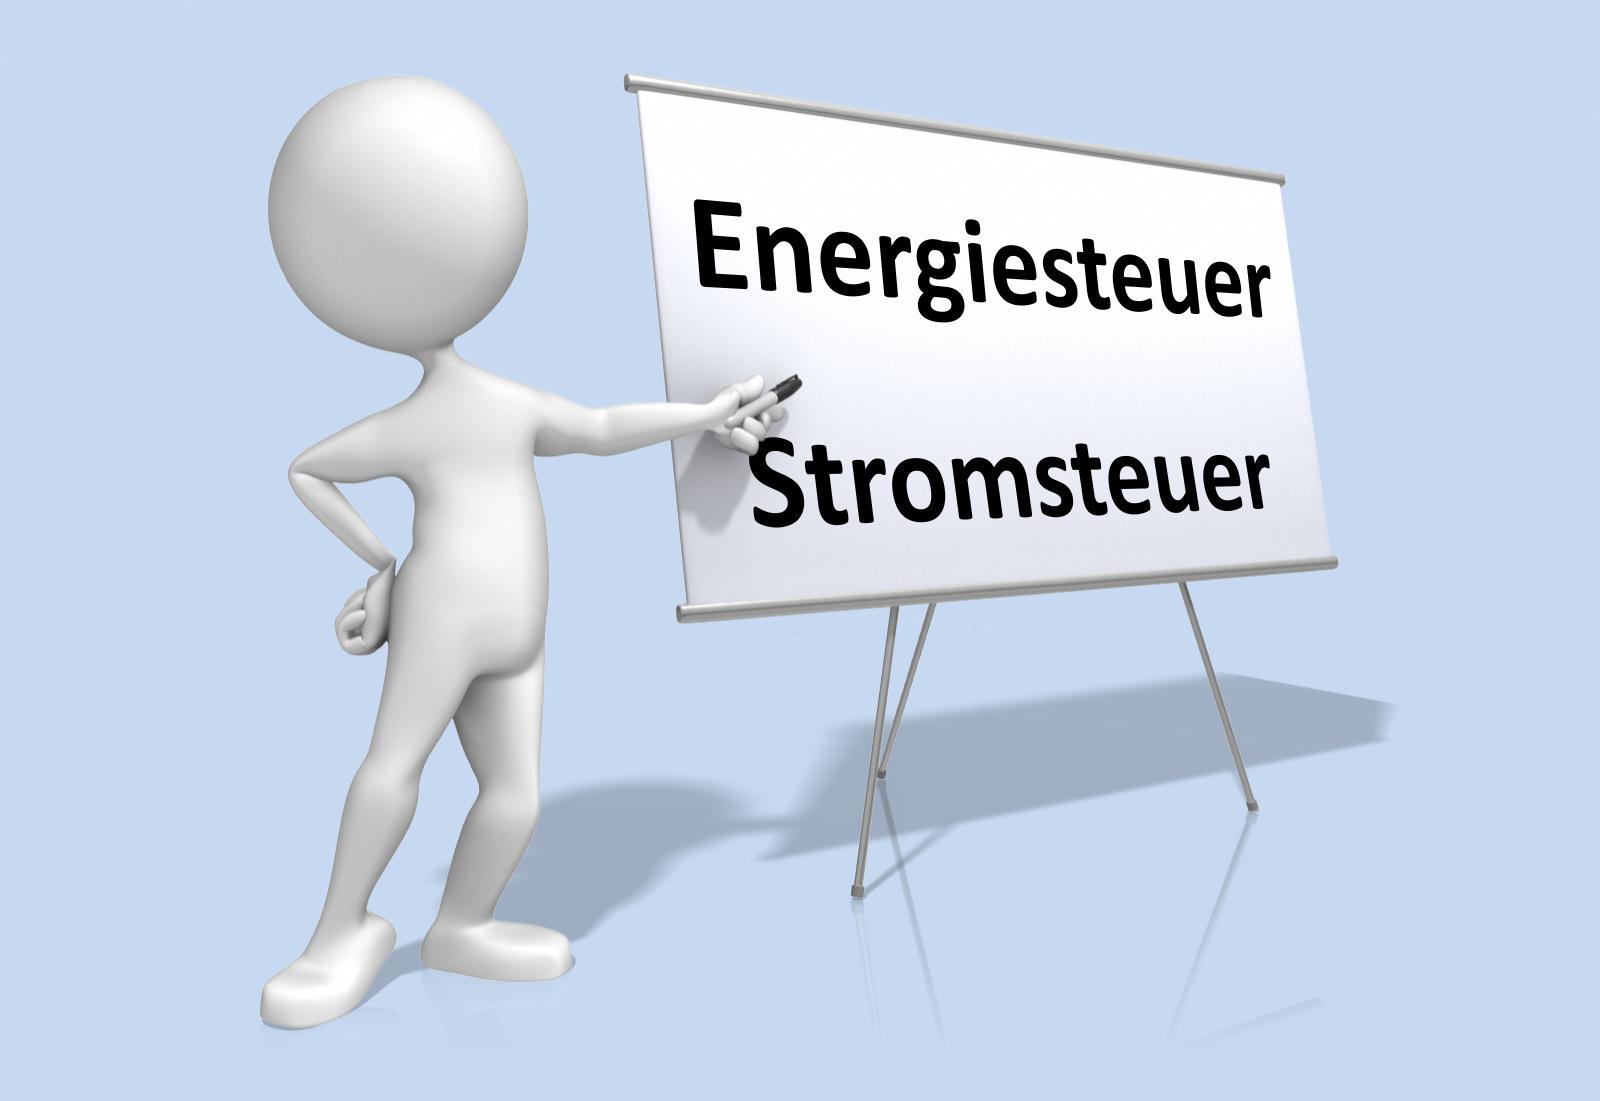 Das BHKW-Infozentrum und BHKW-Consult informieren über die Regelungen des Energiesteuer- und Stromsteuergesetzes im Rahmen des Mini-KWK-Kongresses 2015. (Bild: BHKW-Infozentrum / presentermedia)